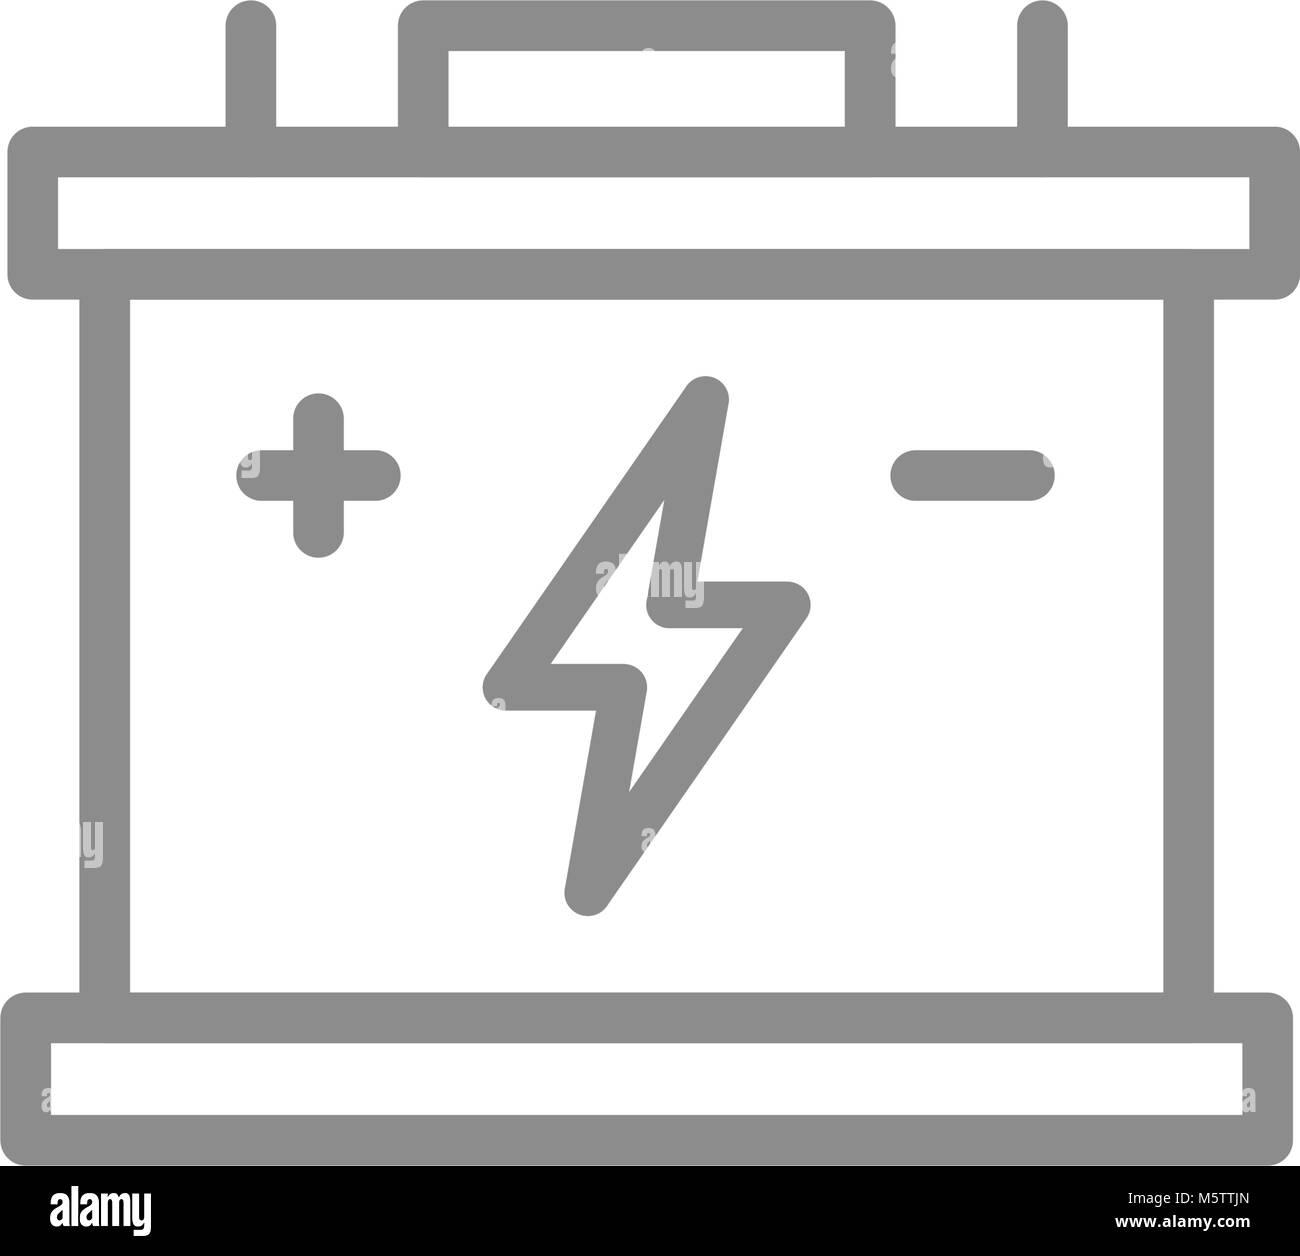 Einfaches Auto Batterie, Akkumulator Symbol Leitung. Symbol und ...